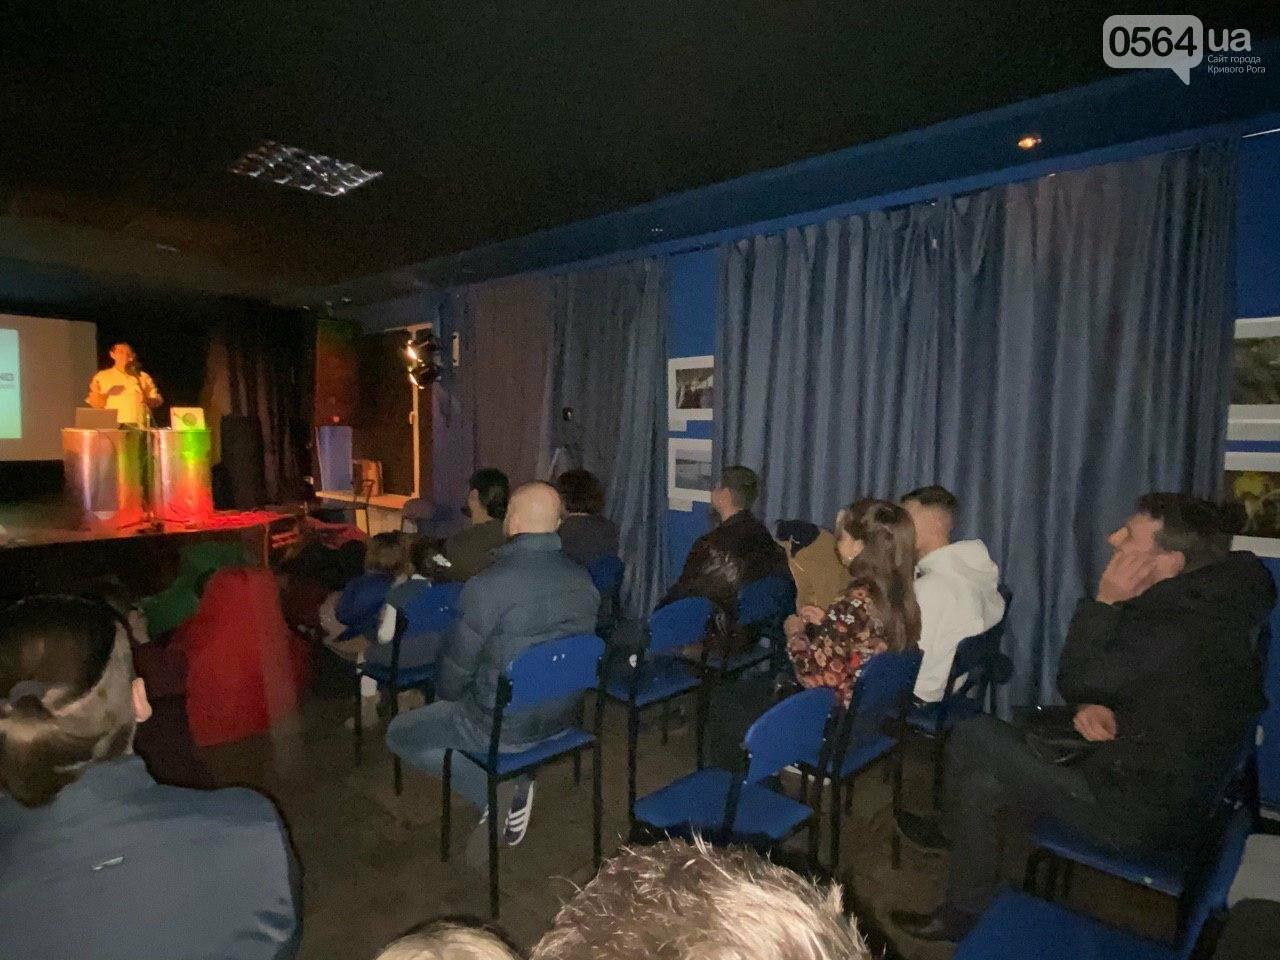 Криворожане слушали блюз на губной гармошке в исполнении своего земляка, - ФОТО, ВИДЕО , фото-12